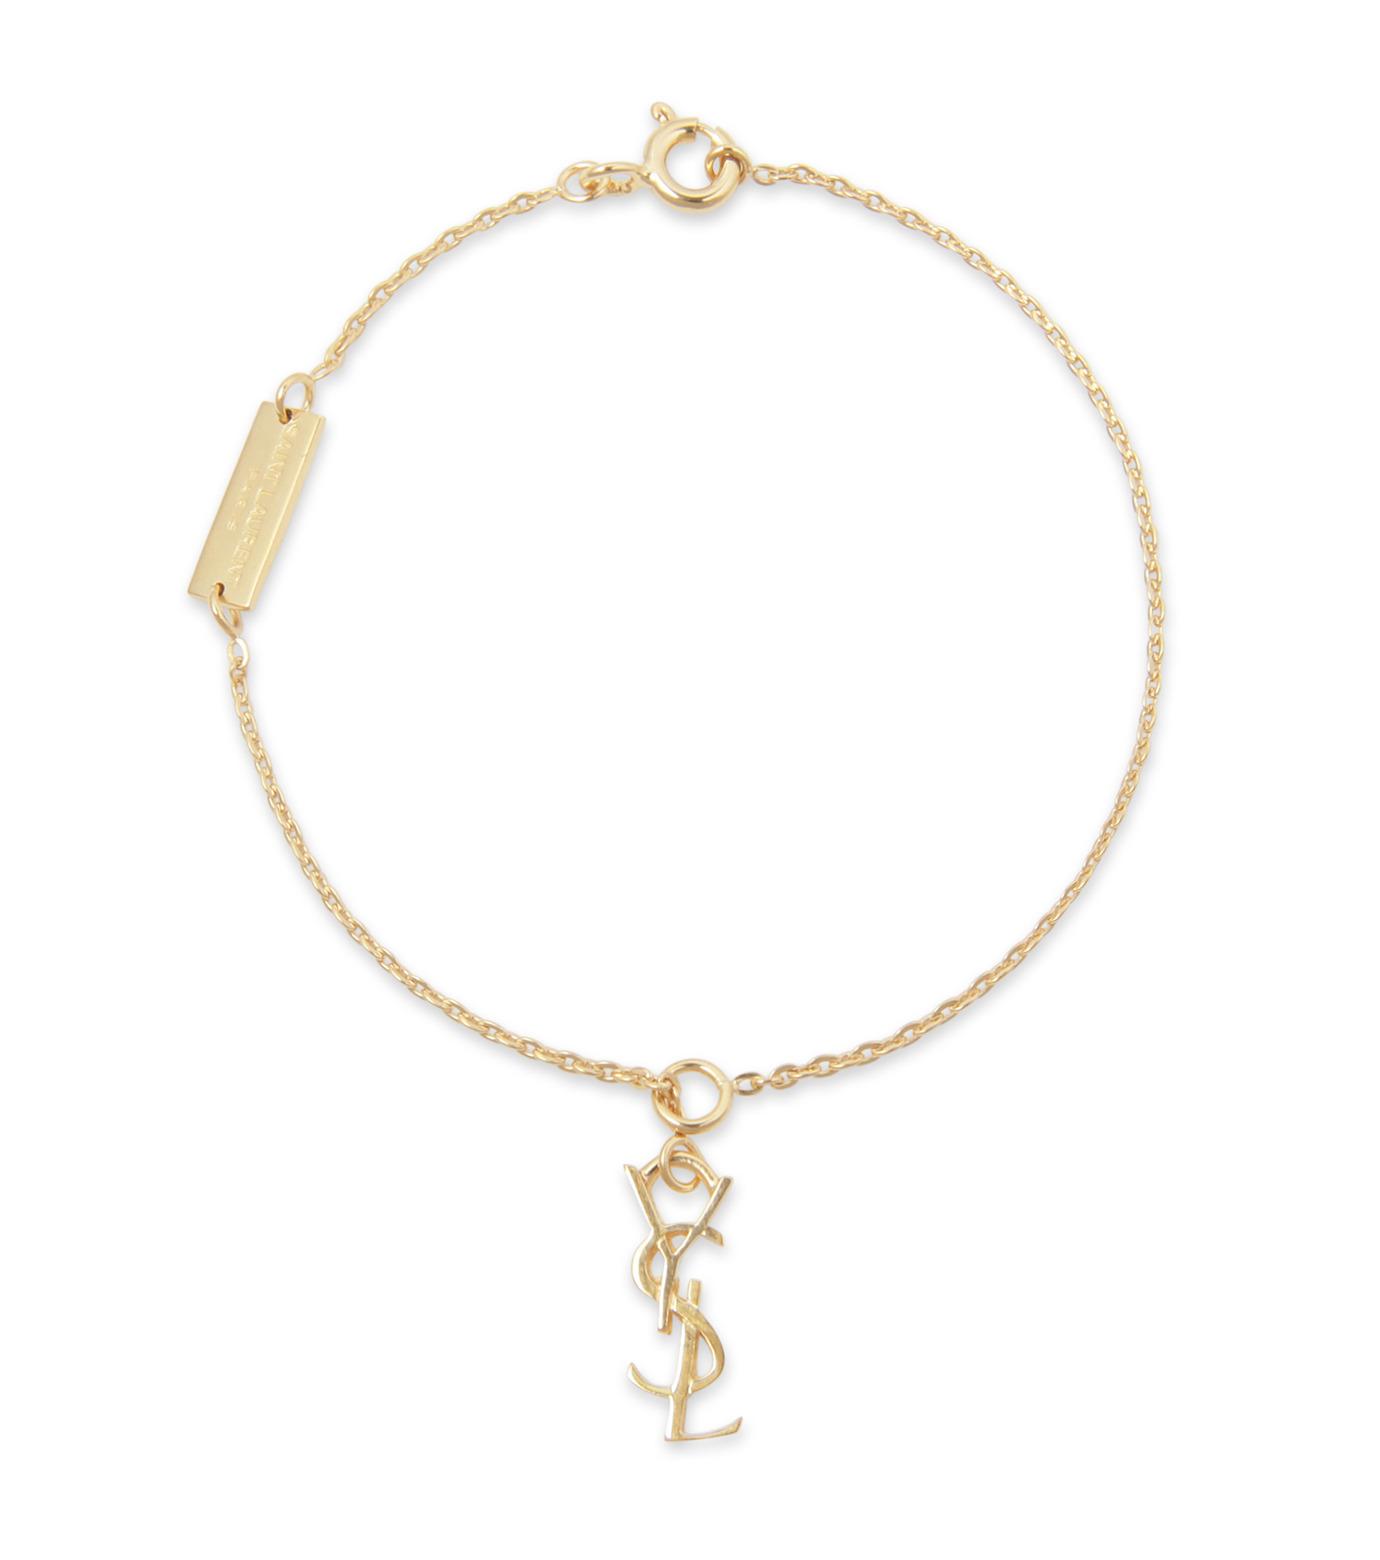 SAINT LAURENT(サンローラン)のMonogramme Bracelet-GOLD(ブレスレット/bracelet)-342825-Y1100-2 拡大詳細画像1